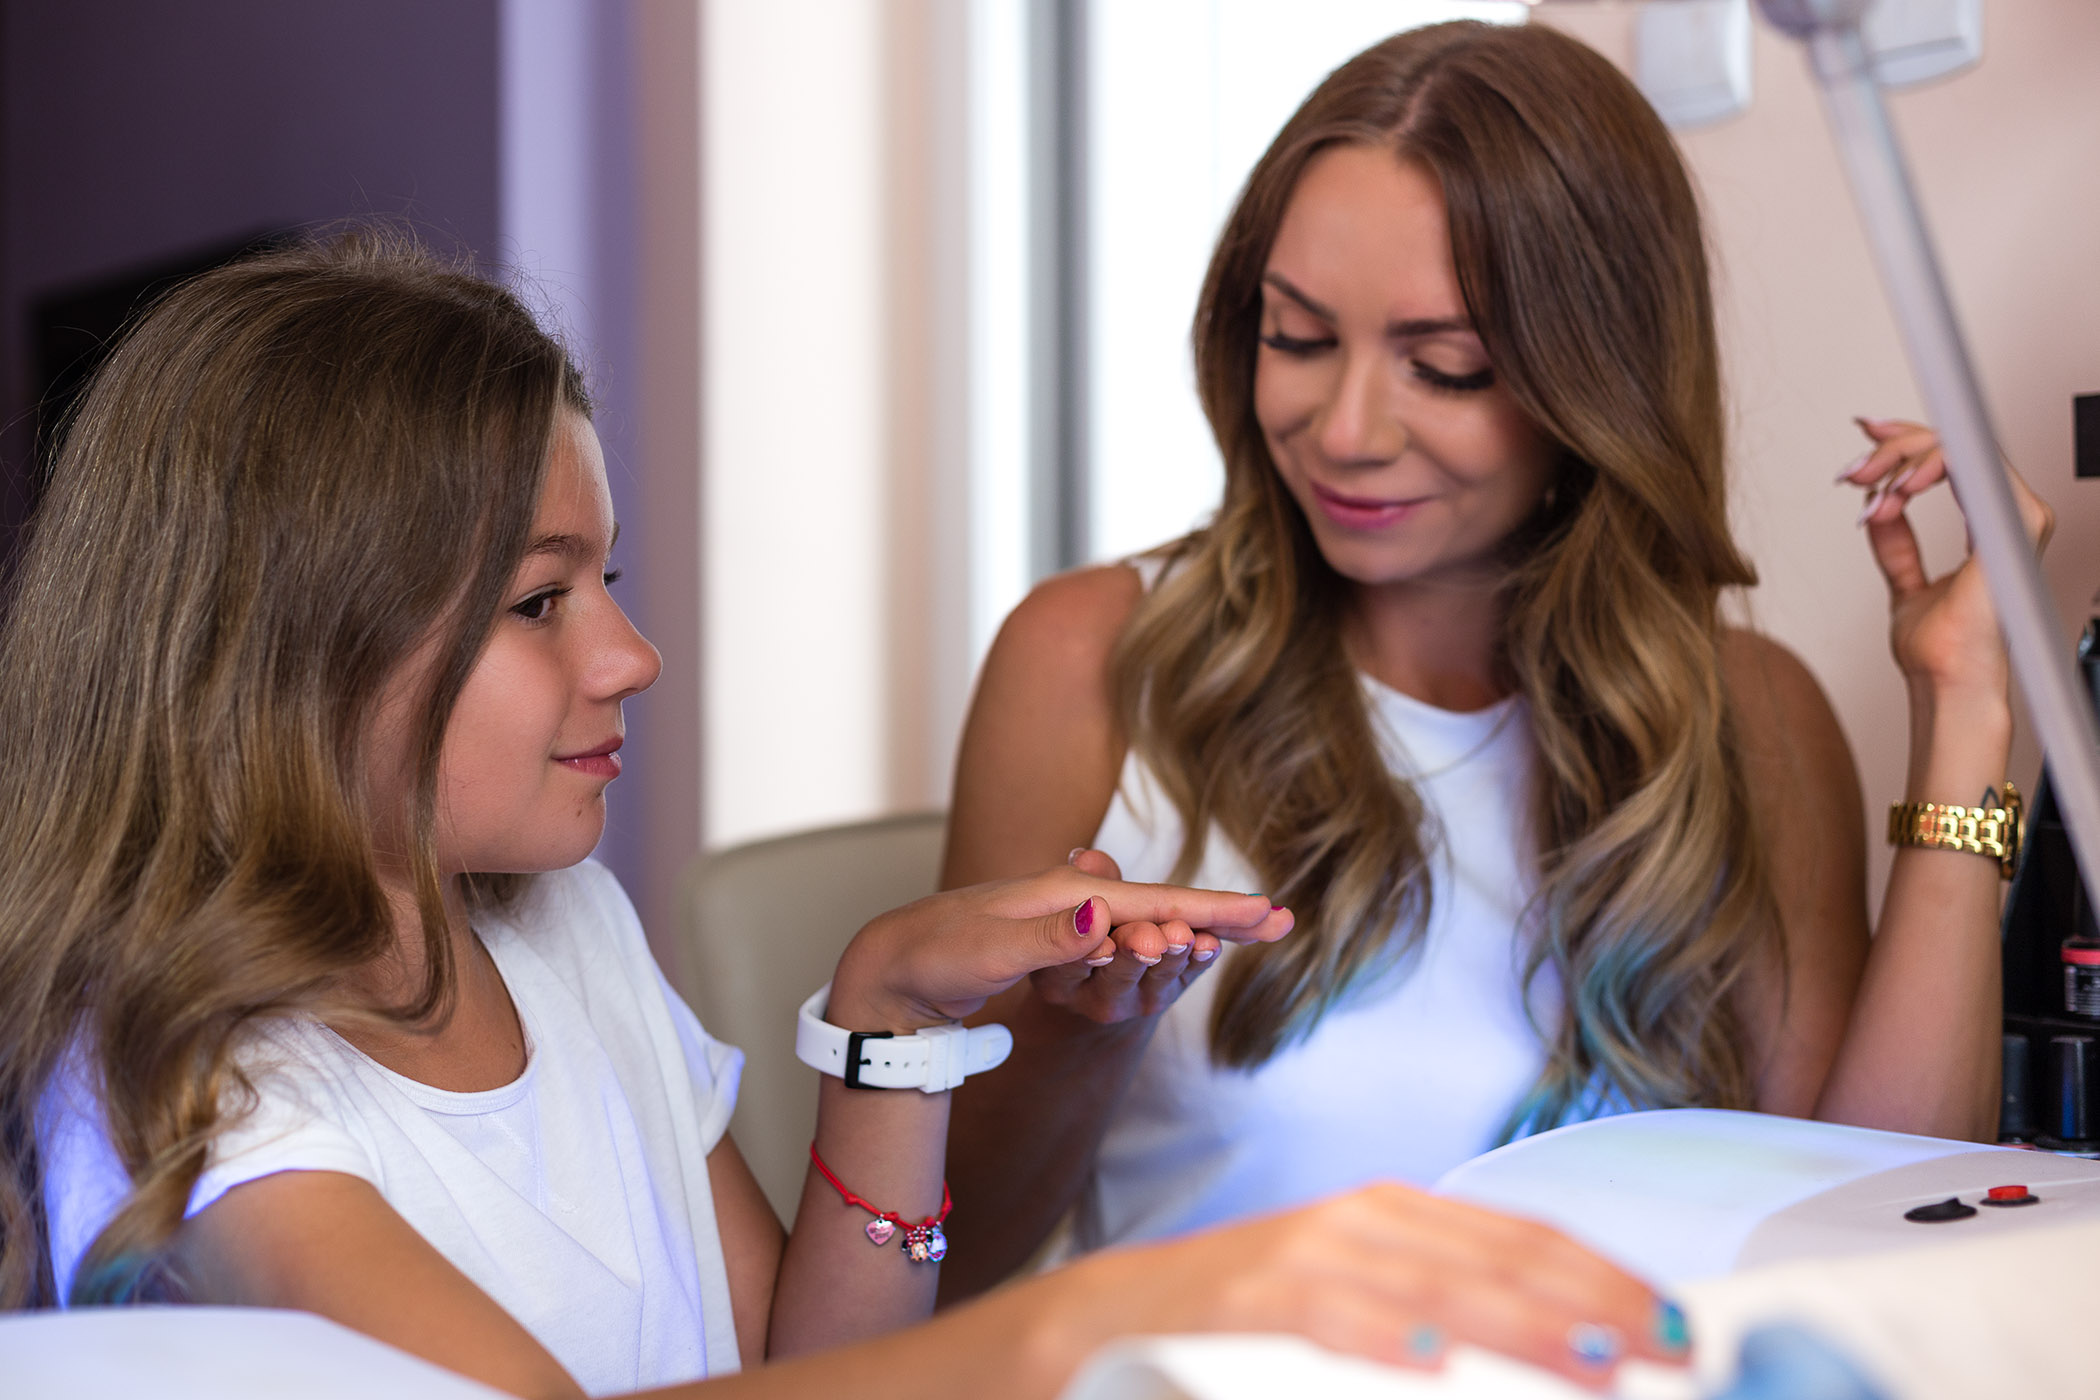 Wakacyjne przyjemności dla mamy i córki